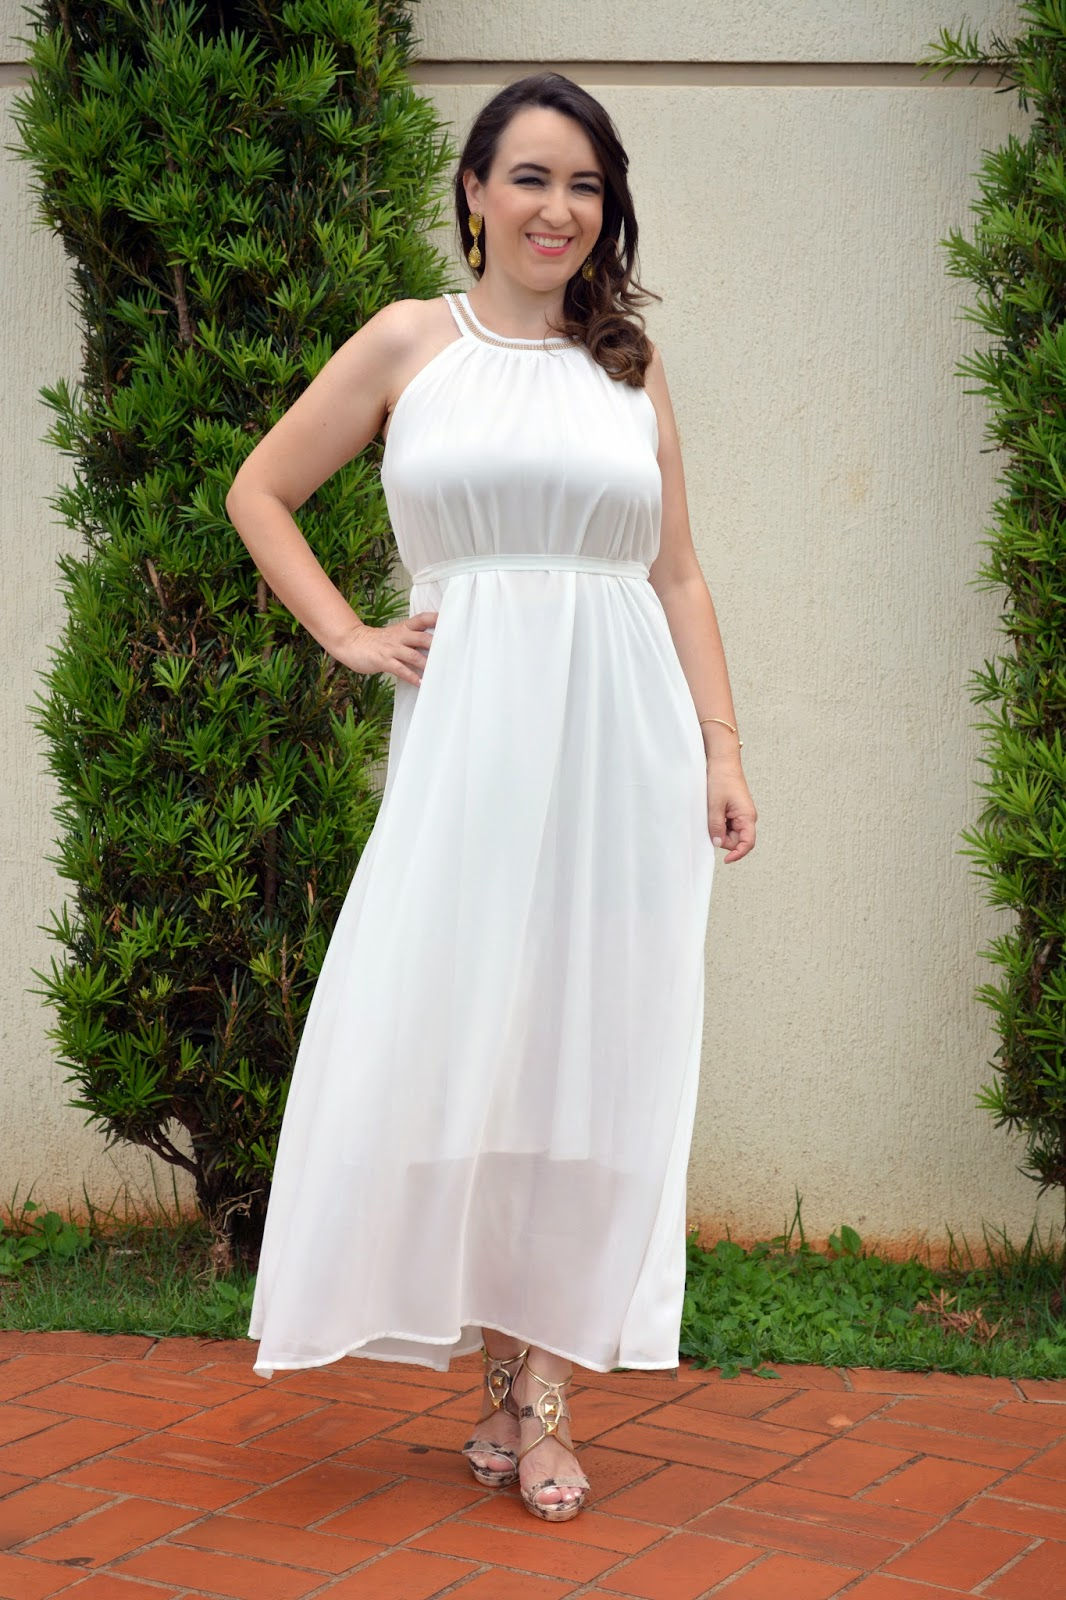 vestido midi branco, vestido midi, look do dia, vestido de ano novo, blog camila andrade, blog de moda em ribeirão preto, lalilu modas